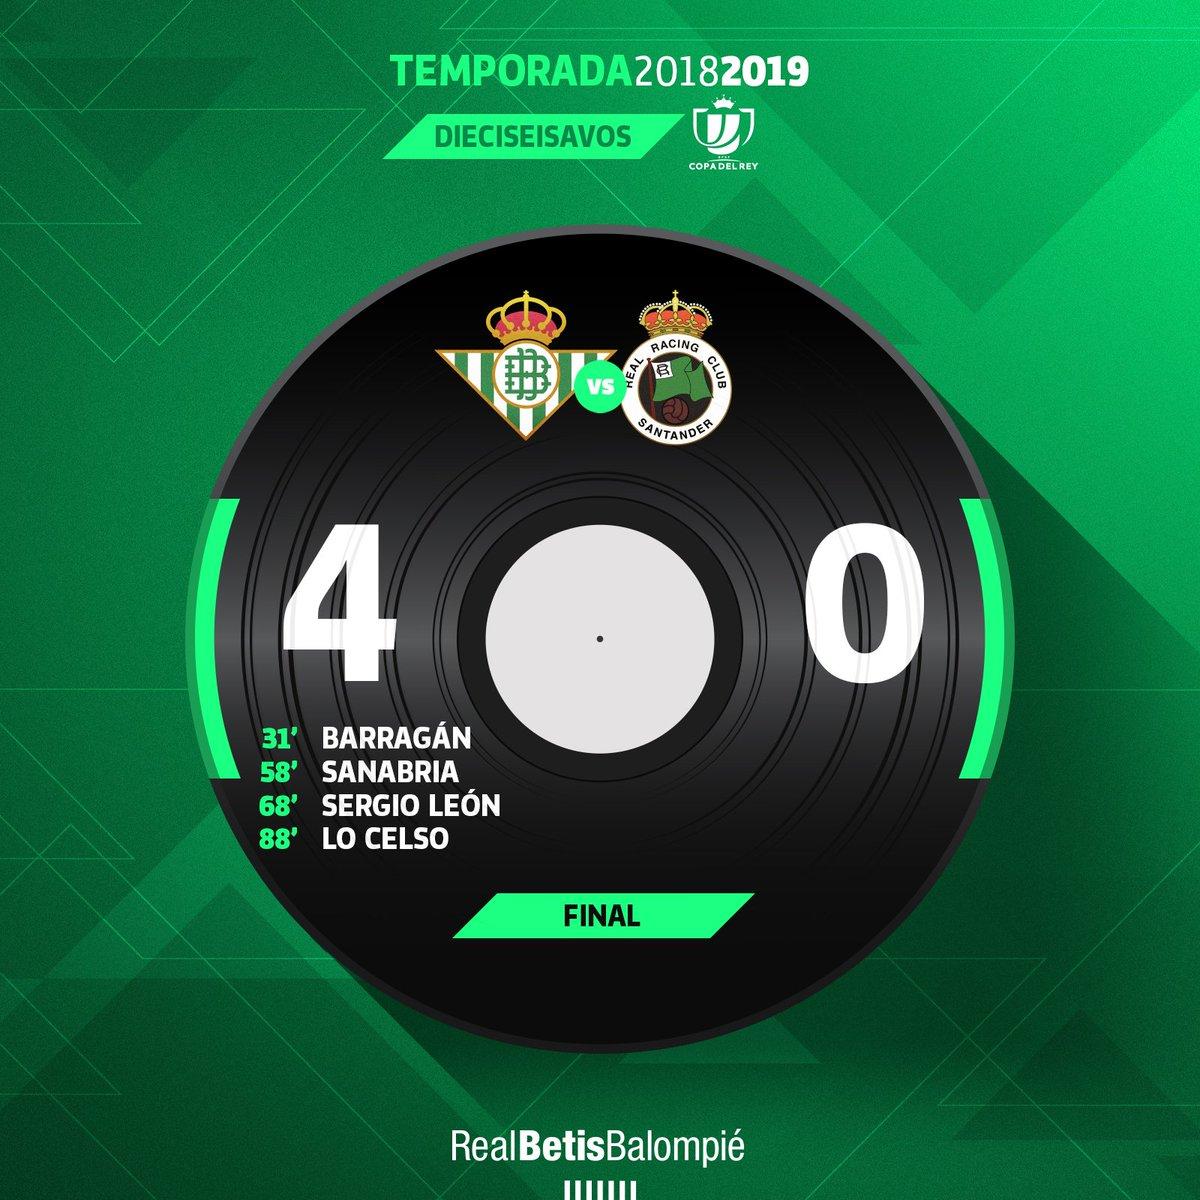 92 ⏱⚽️ ¡¡¡FINAAAAAAAAAL!!! 👏👏👏 ¡Final del partido con victoria verdiblanca en el Villamarín! 💚⚪️ #RealBetisRacing 4-0 ✳⚪ #DíaDeBetis #CopaDelRey